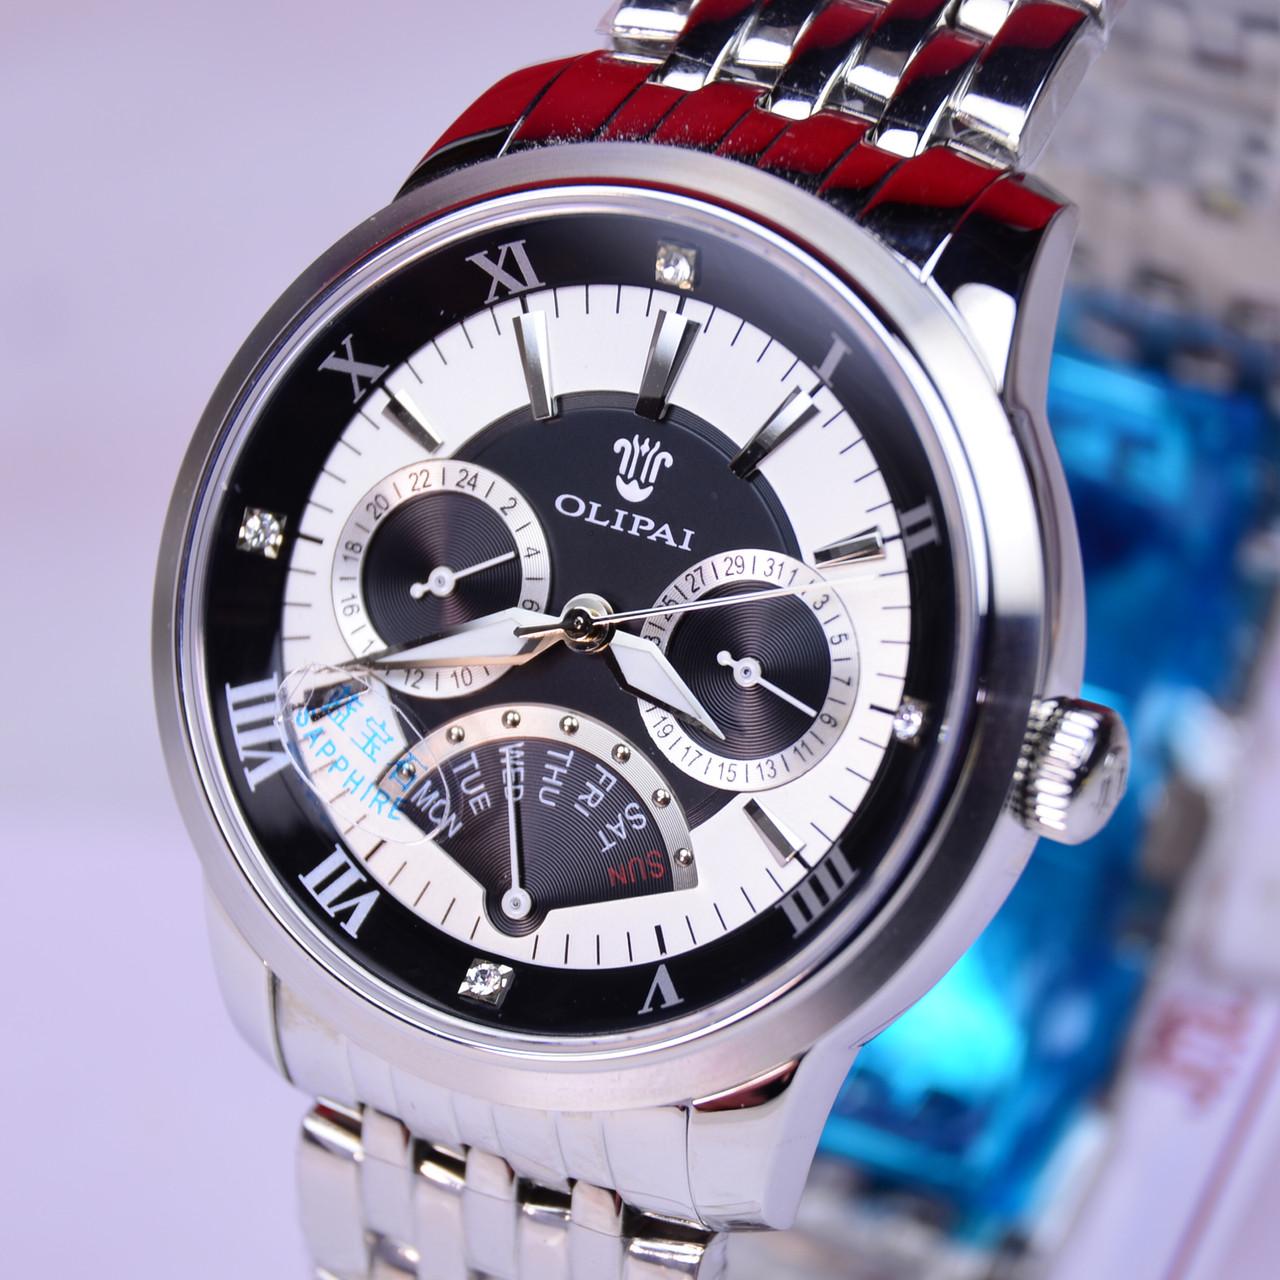 Мужские наручные часы OLIPAI JT6006 стекло сапфир